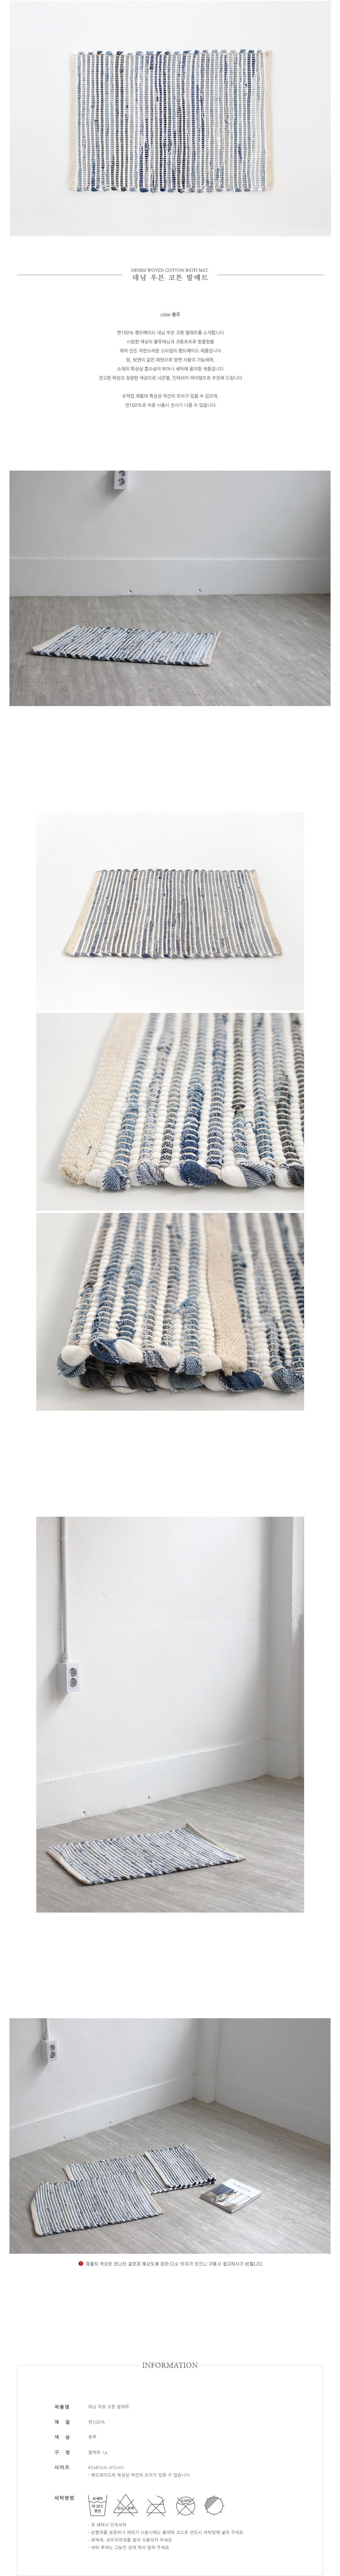 데님 우븐 코튼 발매트 (블루) - 홈앳, 9,500원, 디자인 발매트, 패턴